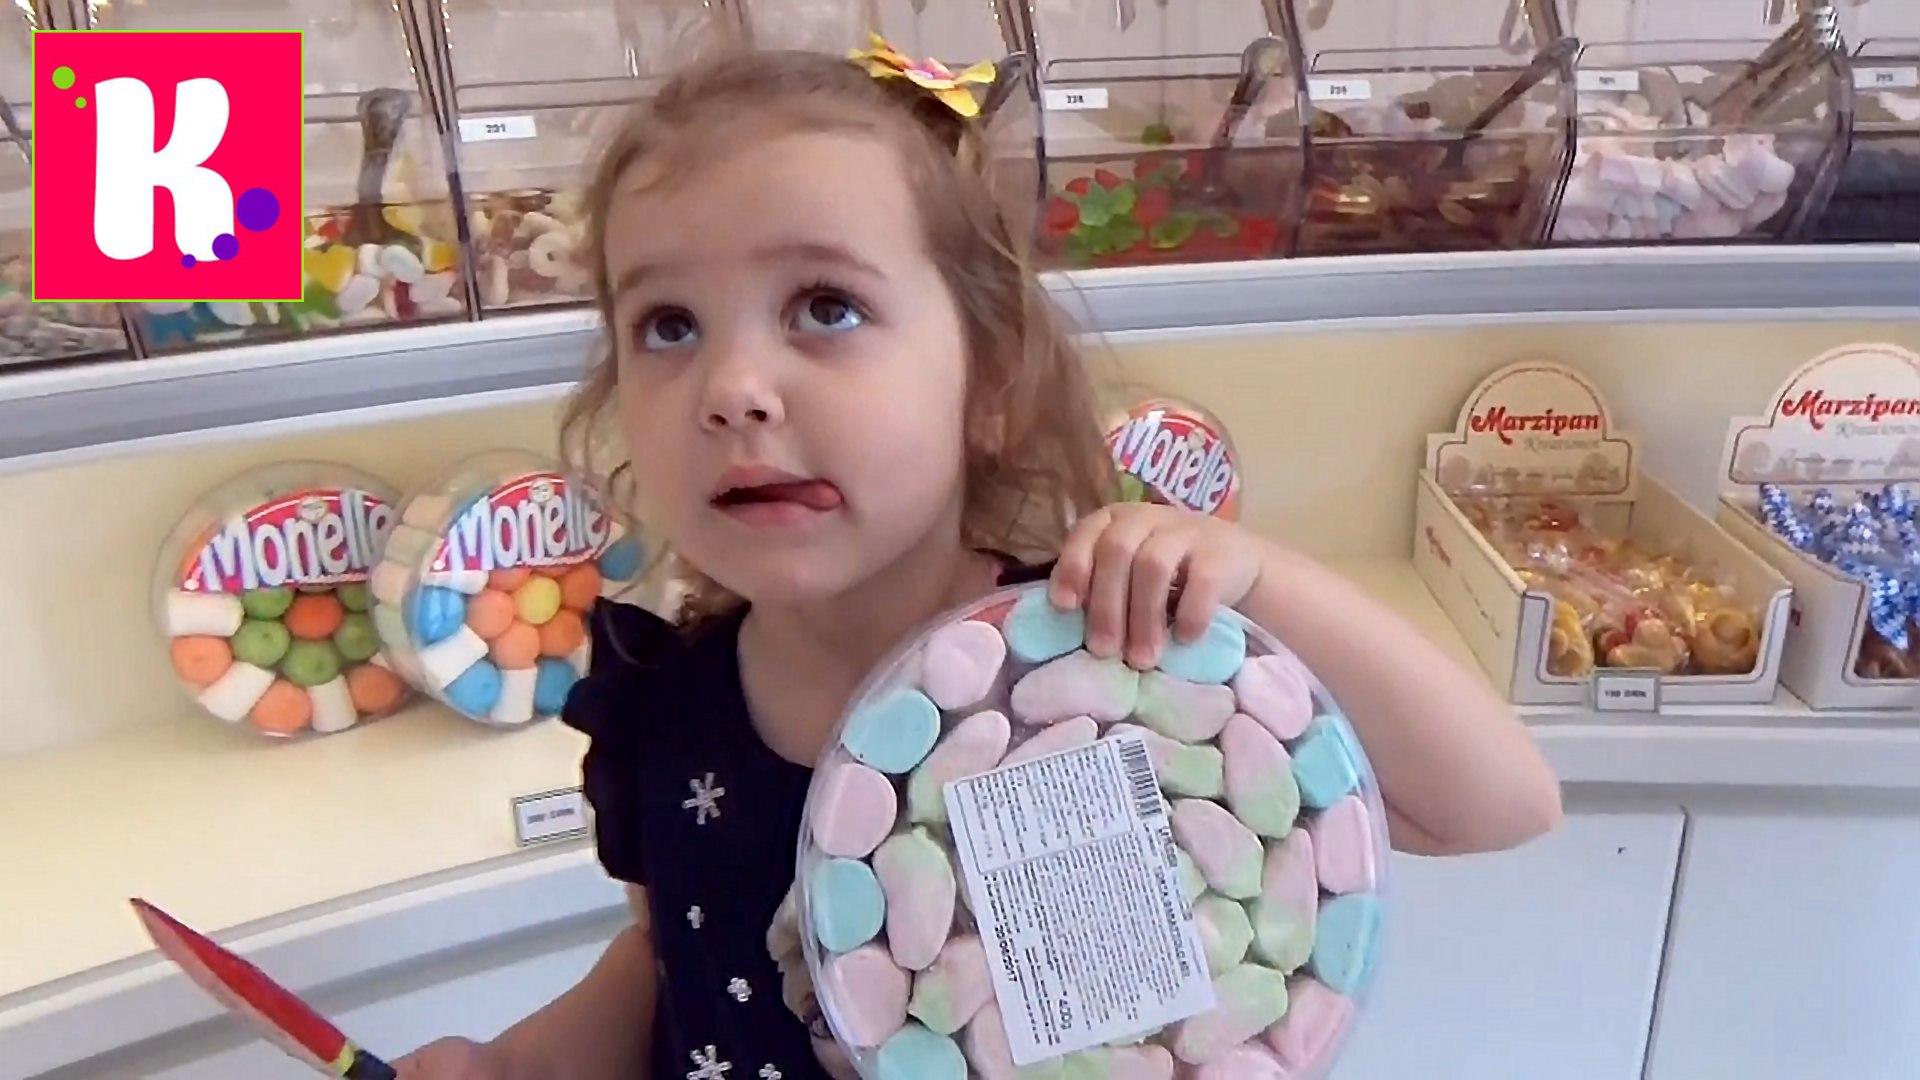 Конфеты и игрушки из МакДональдса Энгри Бёрдс устраиваем пикник во дворе у Мисс Кати Happy Meal toy